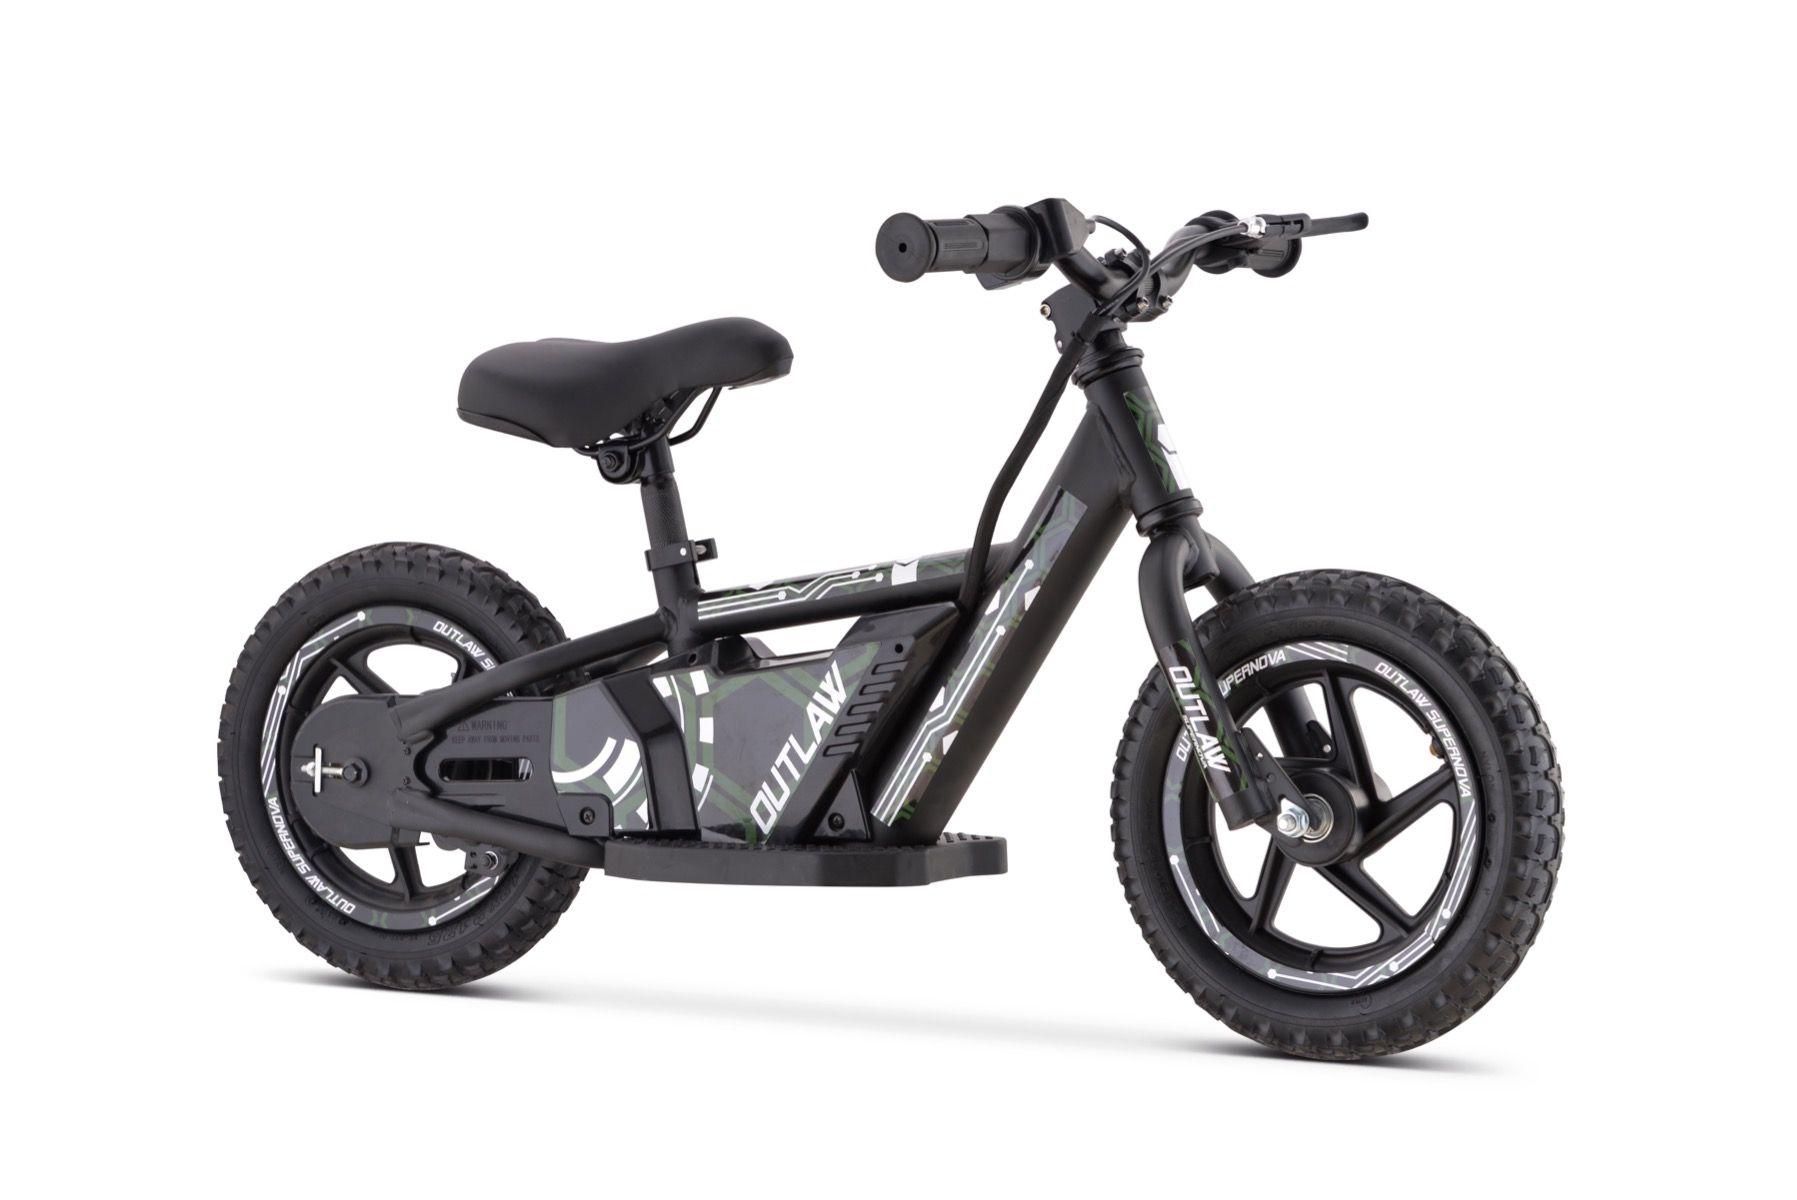 """Outlaw balance bike elettrica 24V al litio con ruote da 16 """"- verde"""